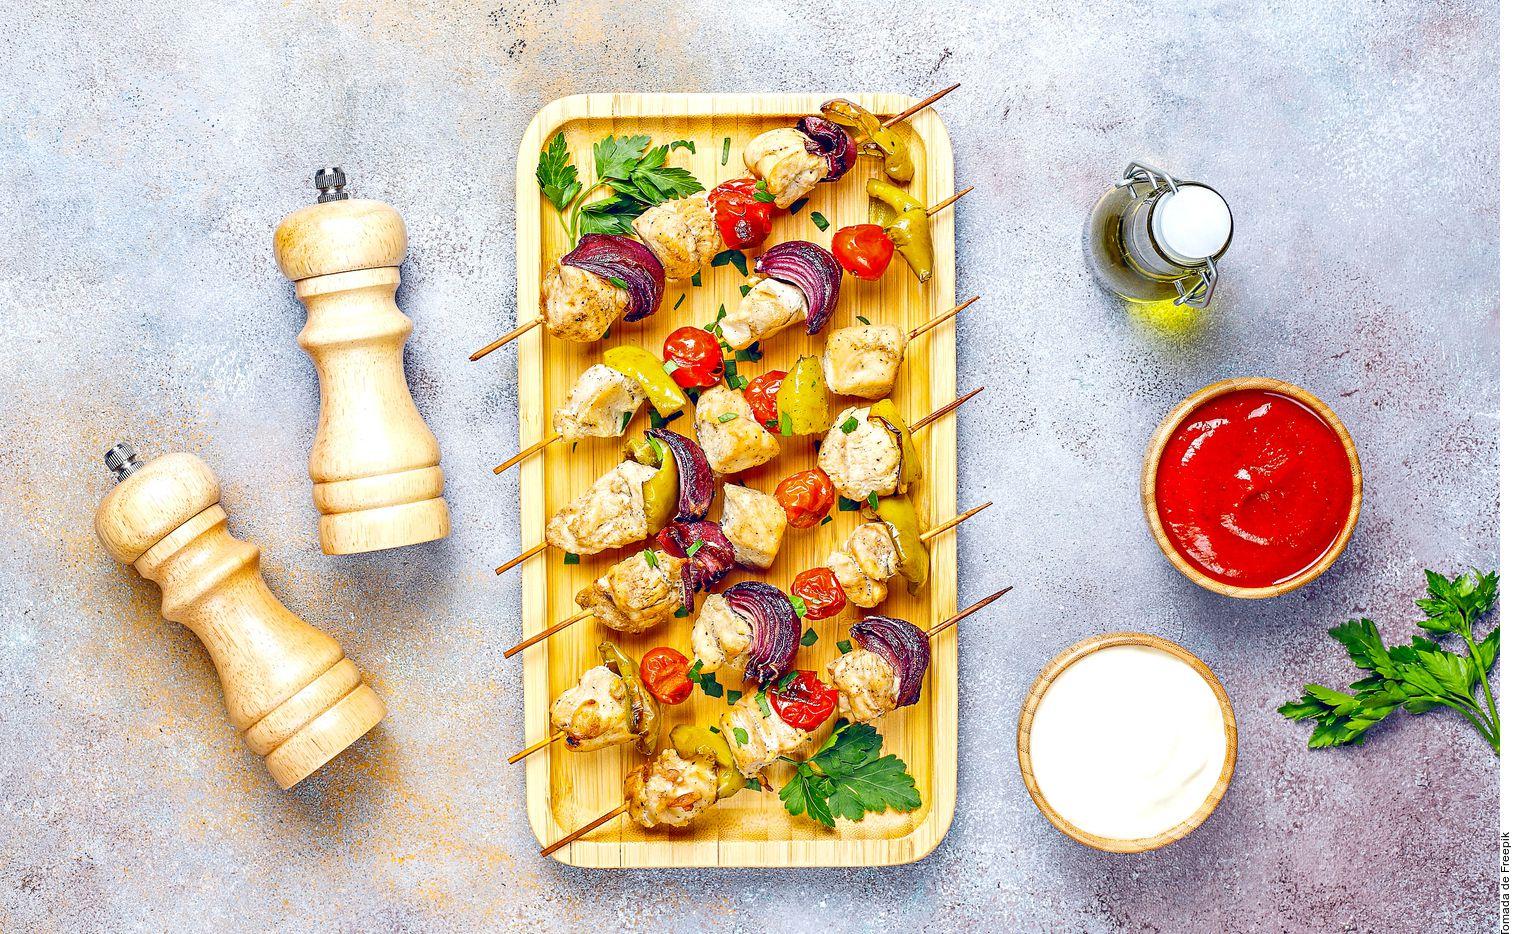 Las brochetas de pollo con verduras se logran al cortar el pollo en cubos. Mezclar el limón, la páprika y la mostaza. Marinar el pollo en la mezcla por mínimo 20 minutos.